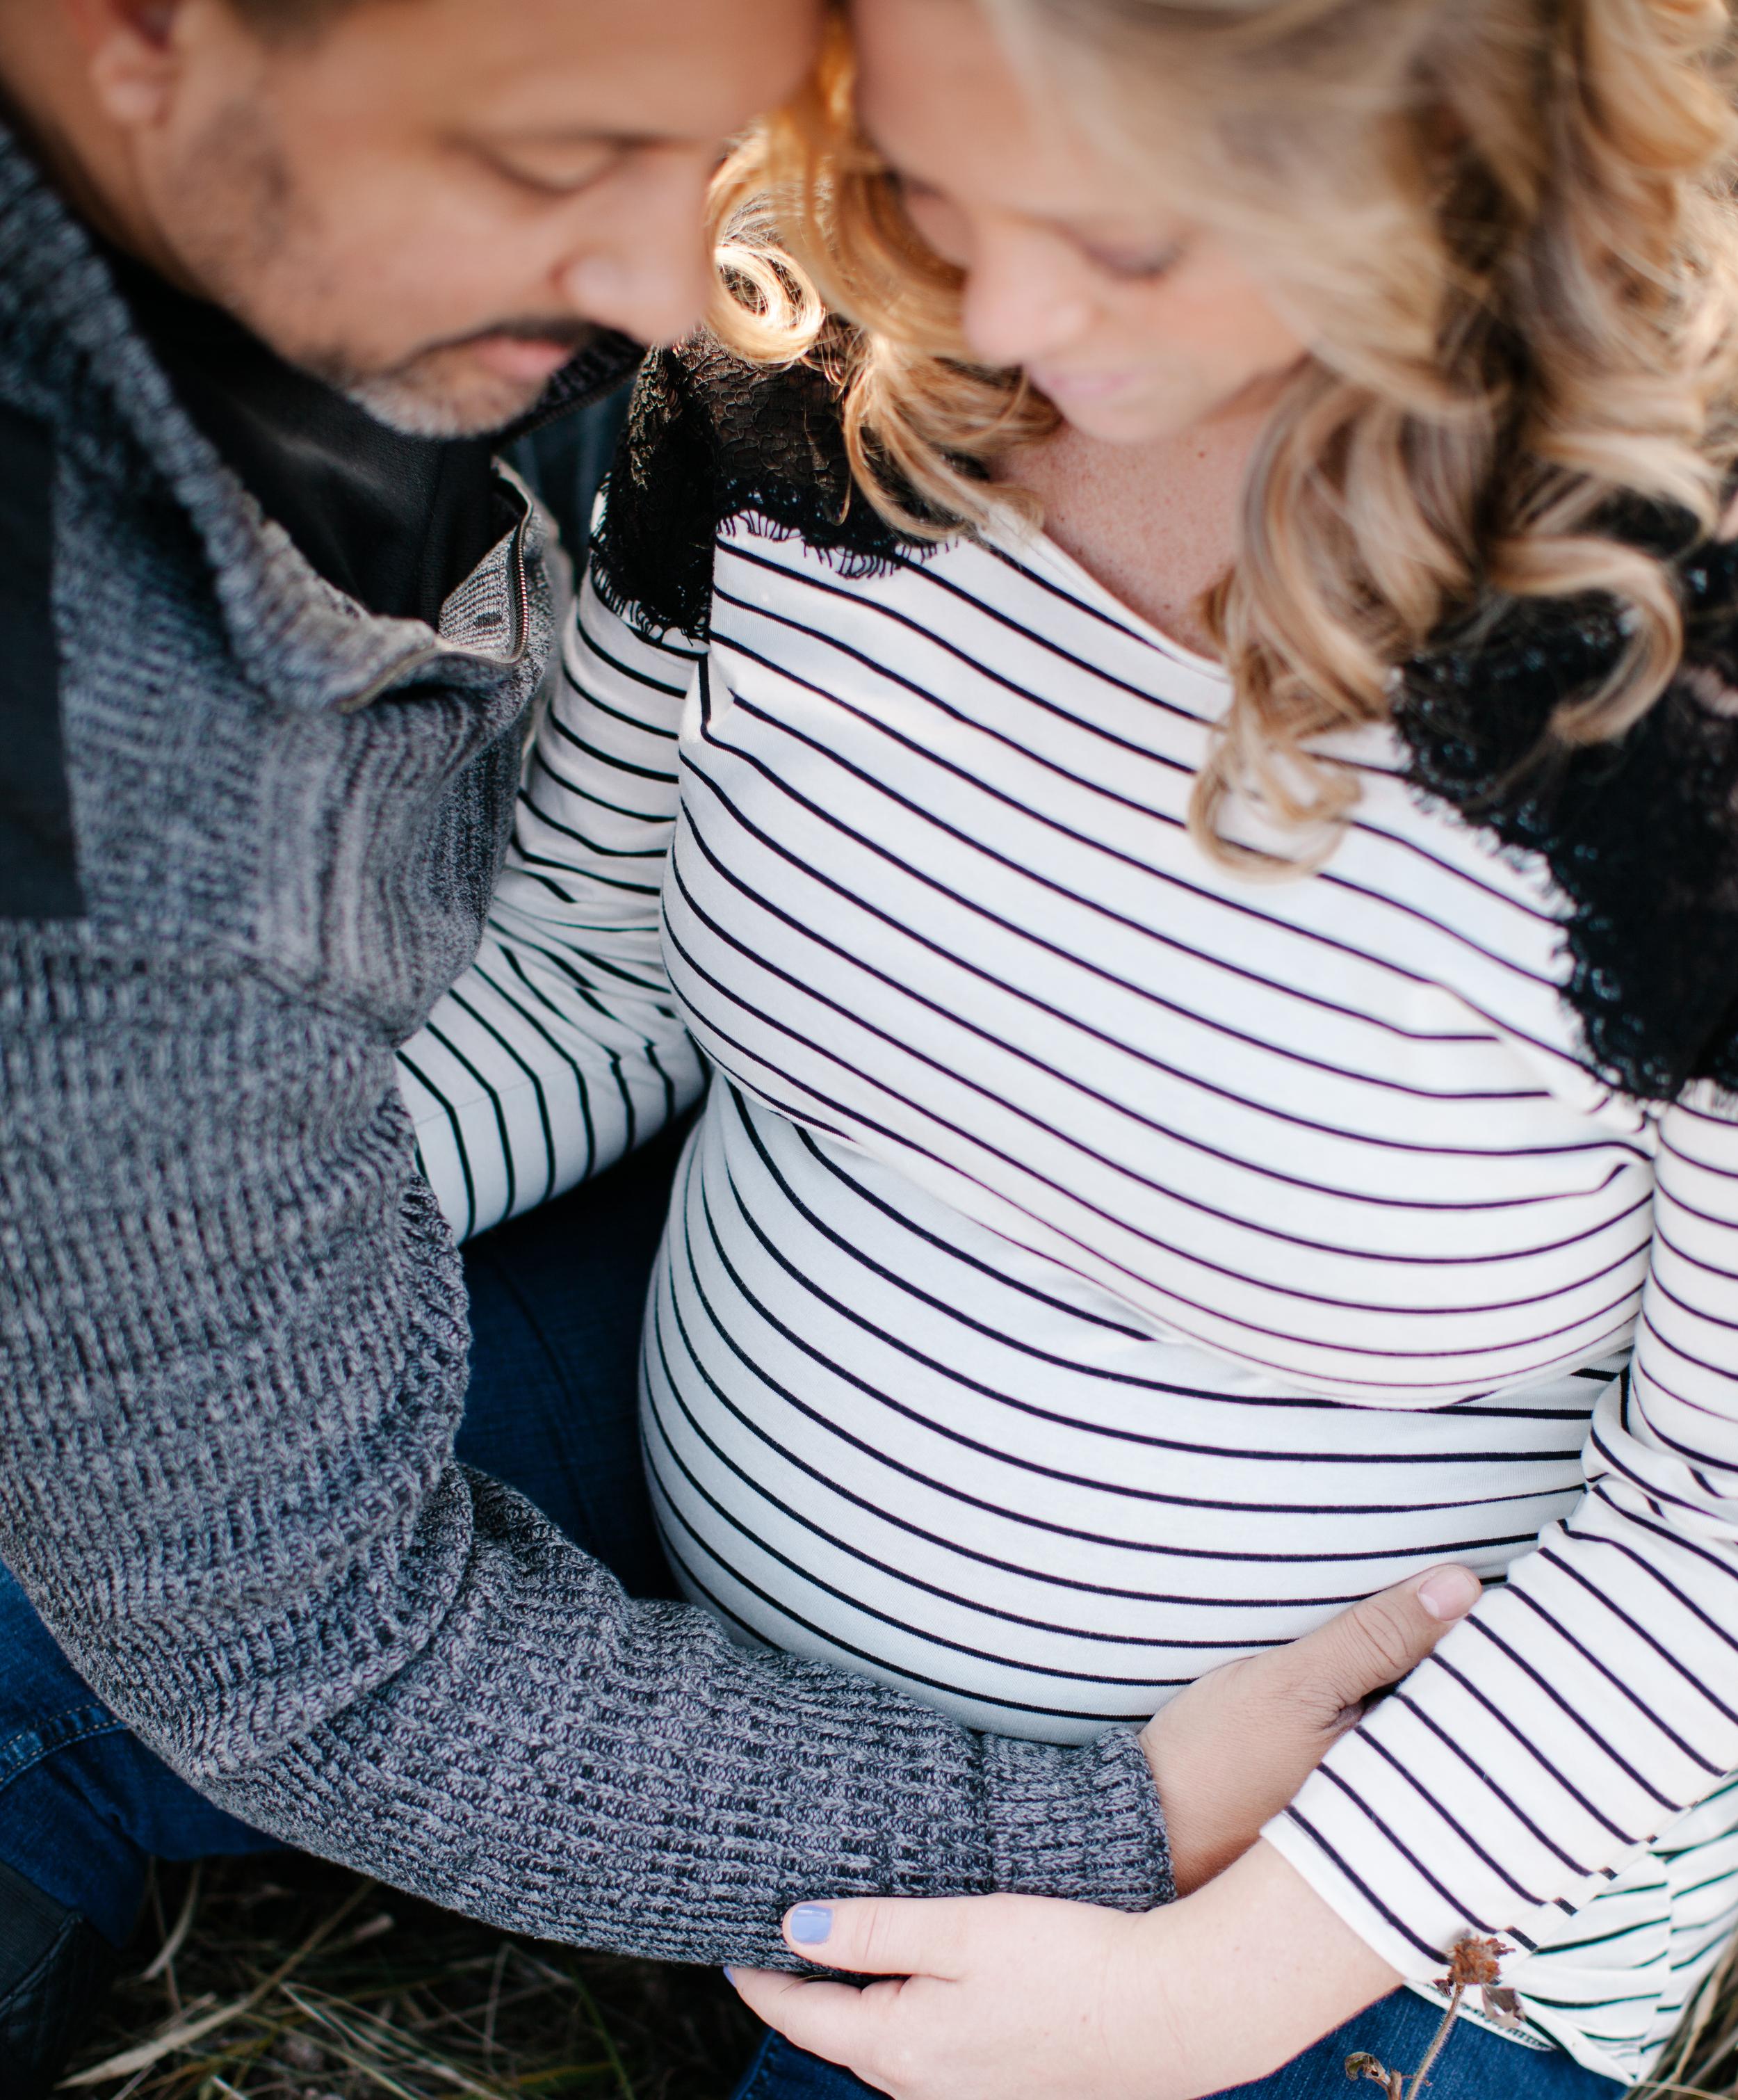 32Turner Maternity141221.JPG